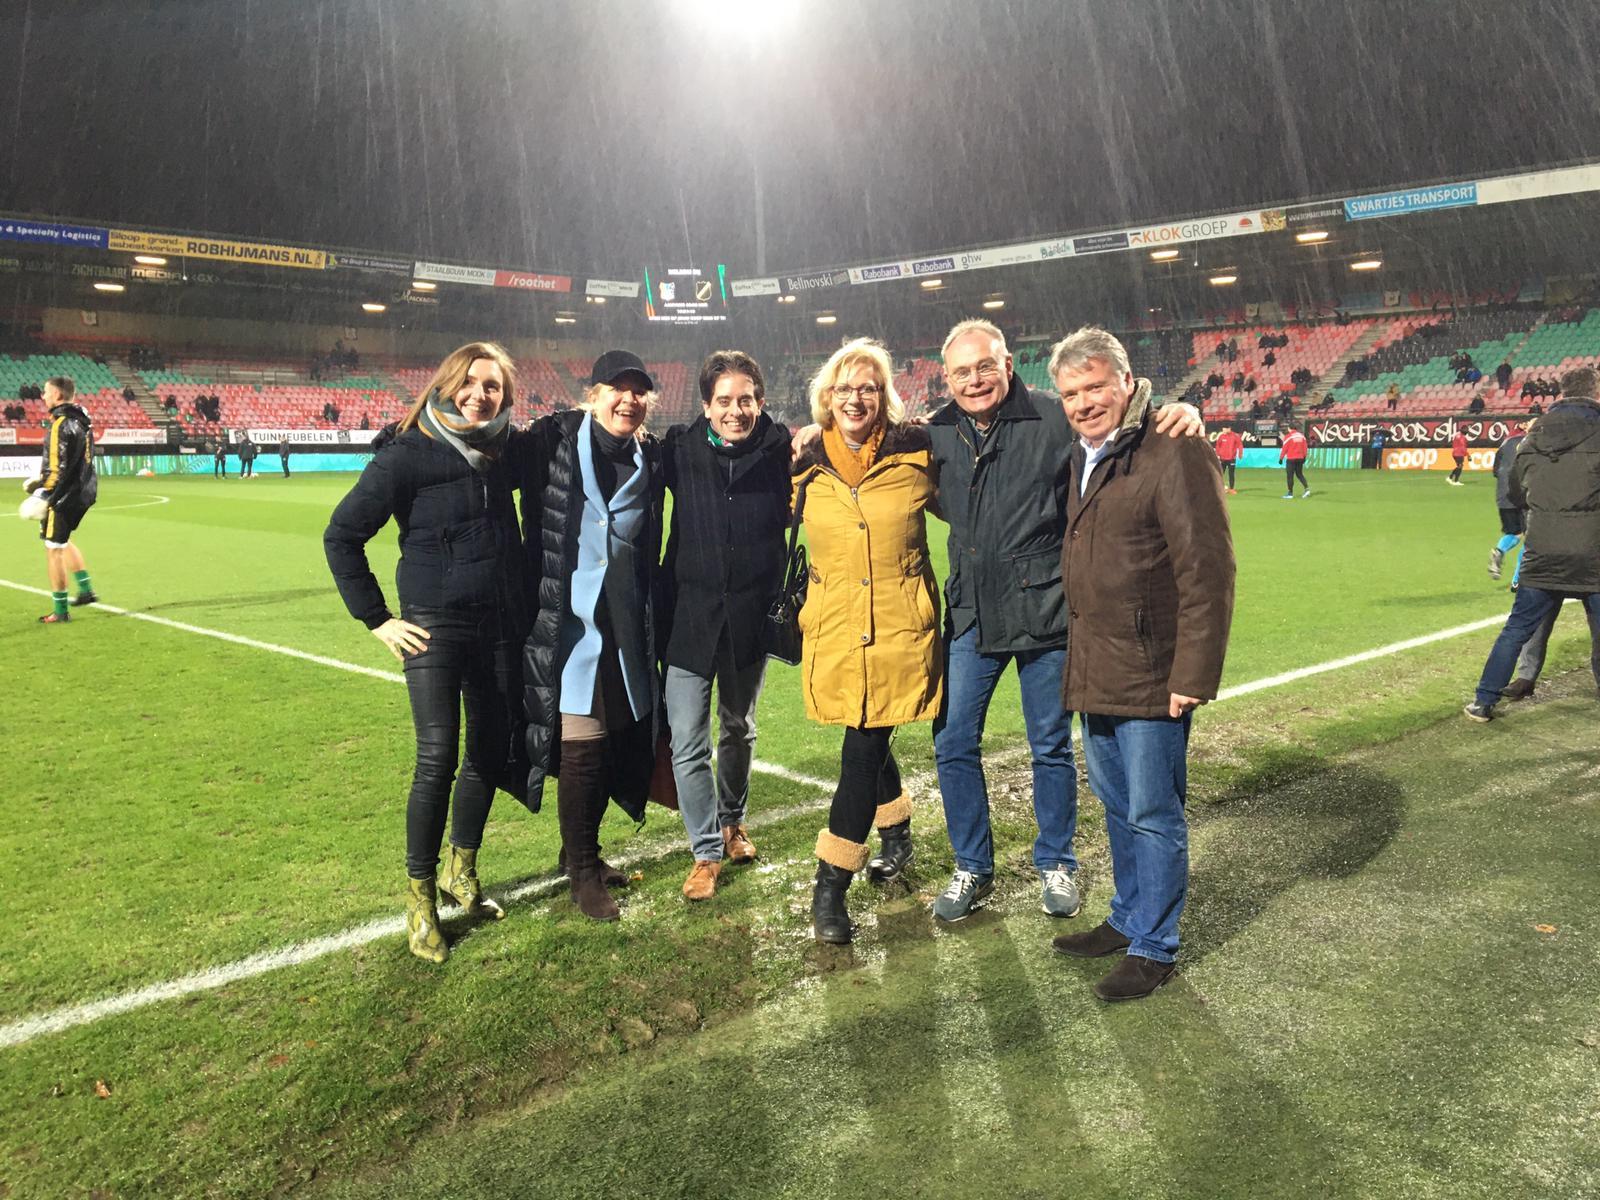 Gelderse VVD bezoekt NEC Nijmegen